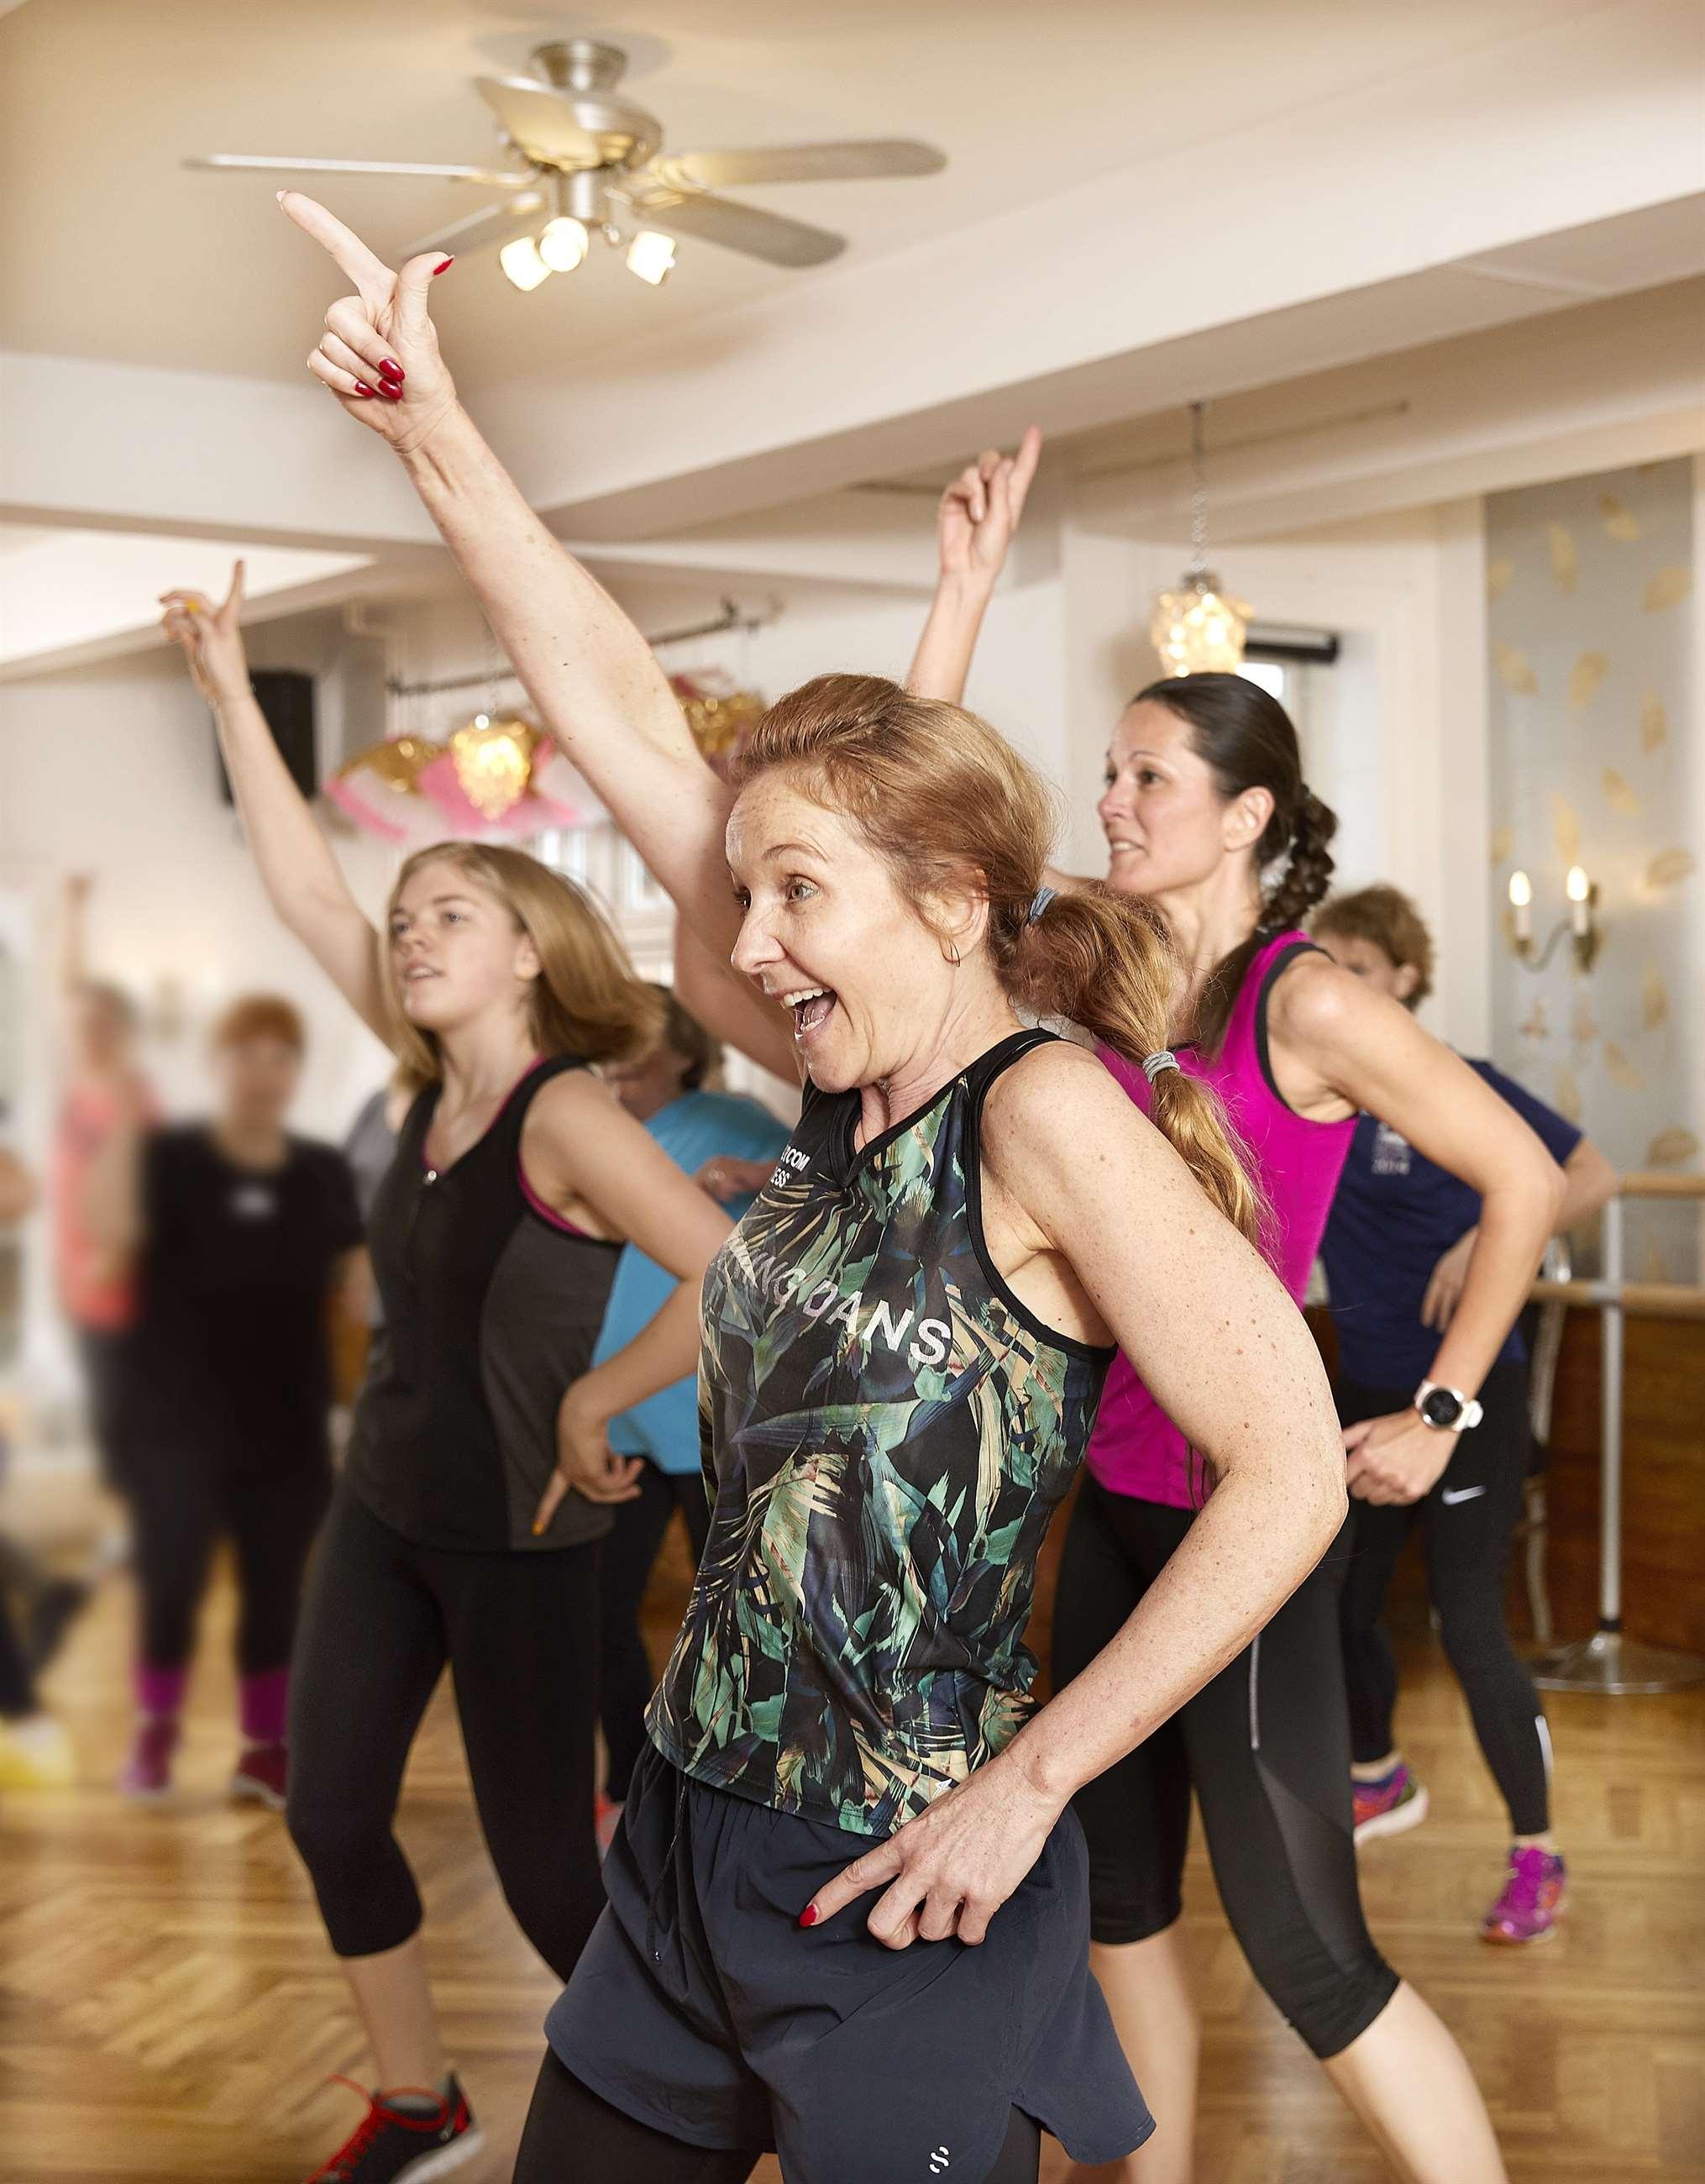 hvordan man begynder at danse over 50